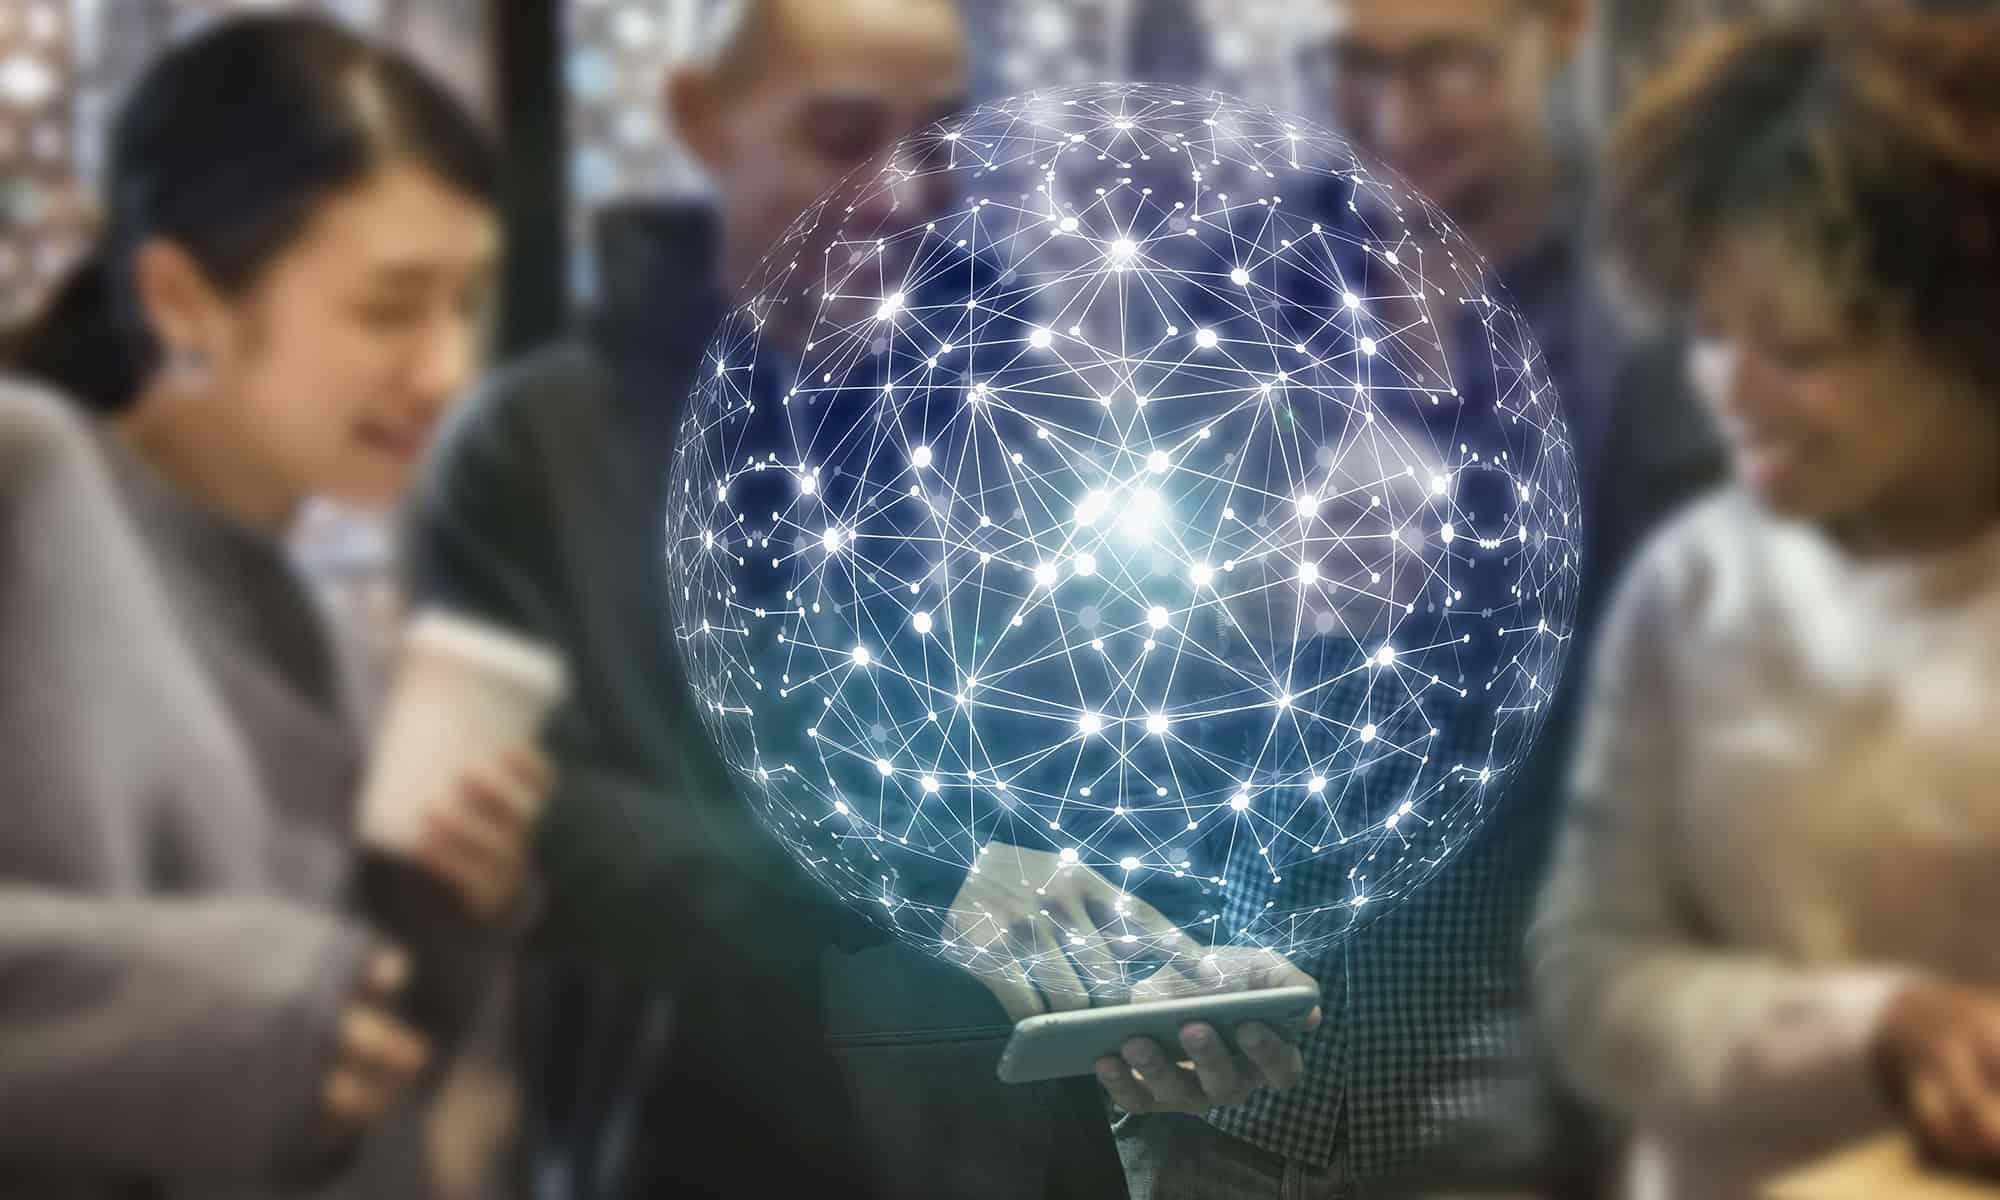 Cyberschutz Vernetzung Internet